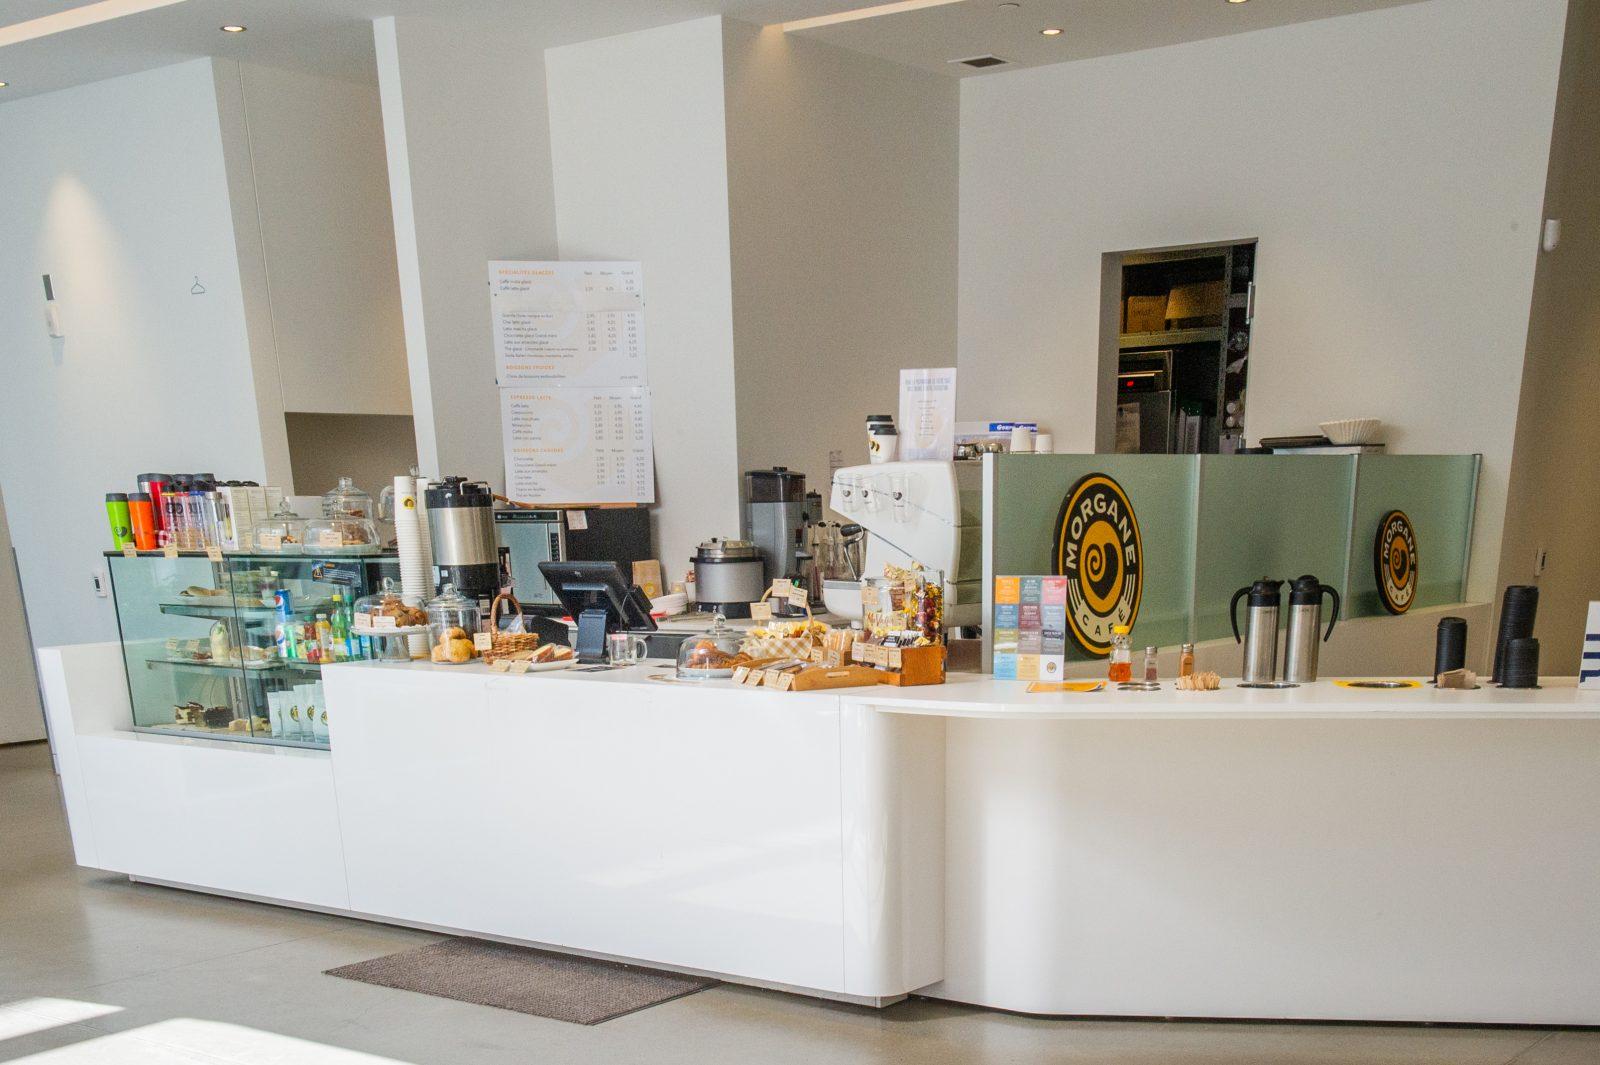 La Maison d'Herbes prendra la place de Café Morgane à la bibliothèque publique